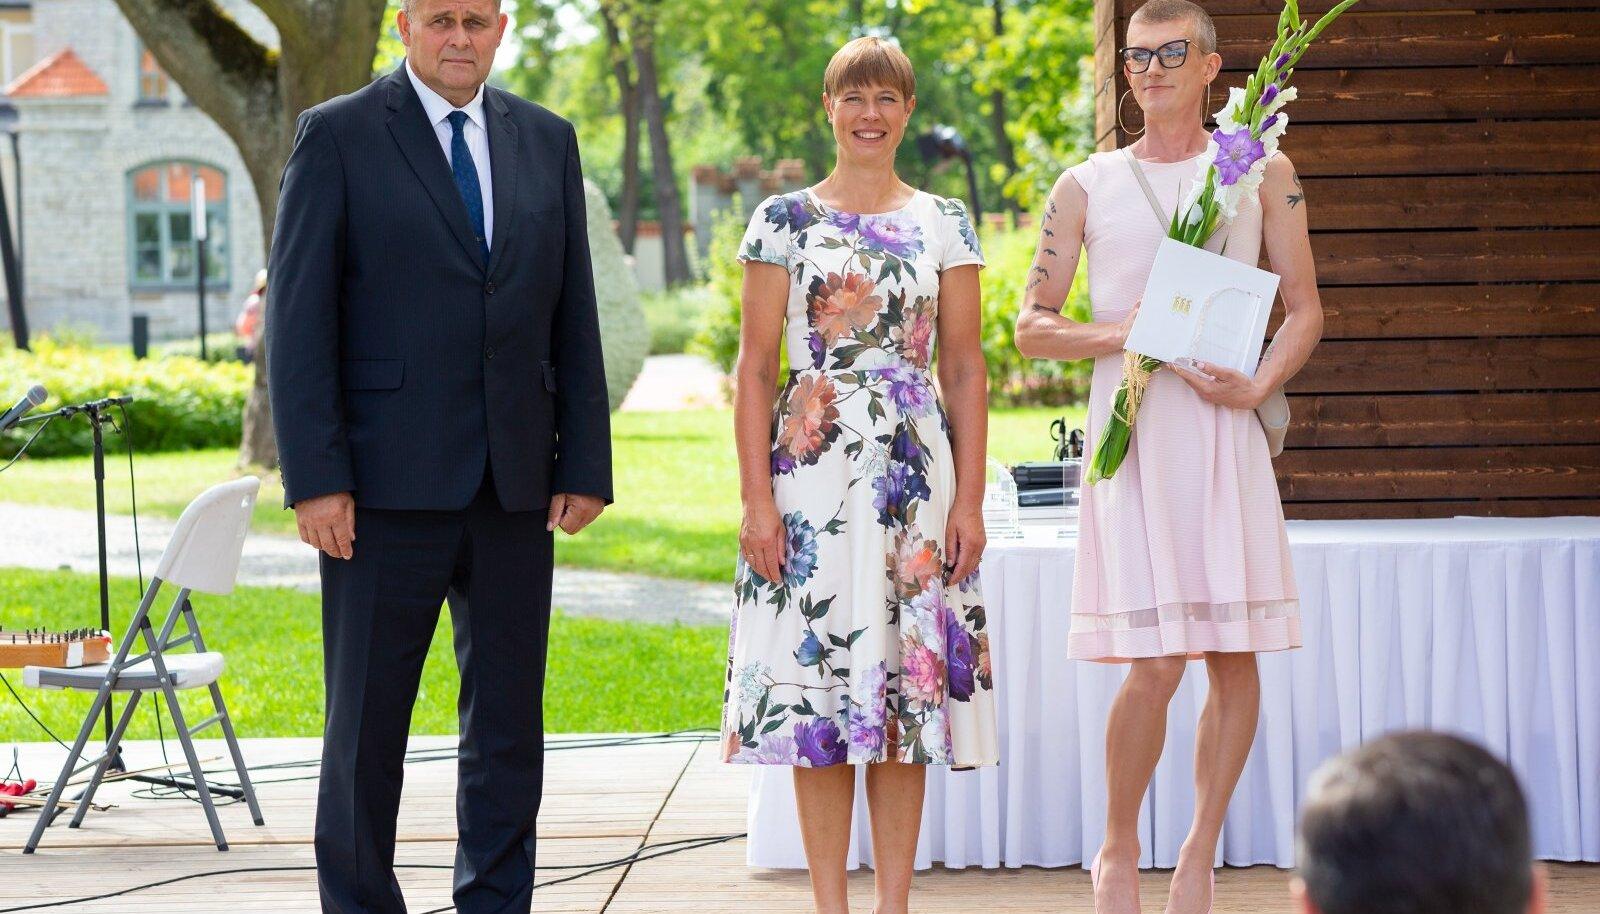 Raivo Aeg polnud esmalt rahul Mikk Pärnitsa sõnavõtuga. Seejärel tuli justiitsminister lagedale teadaandega, et auhinnad said sel aastal jagatud laiali statuudiväliselt, mistõttu tuleb iga tunnustatu üle kontrollida.